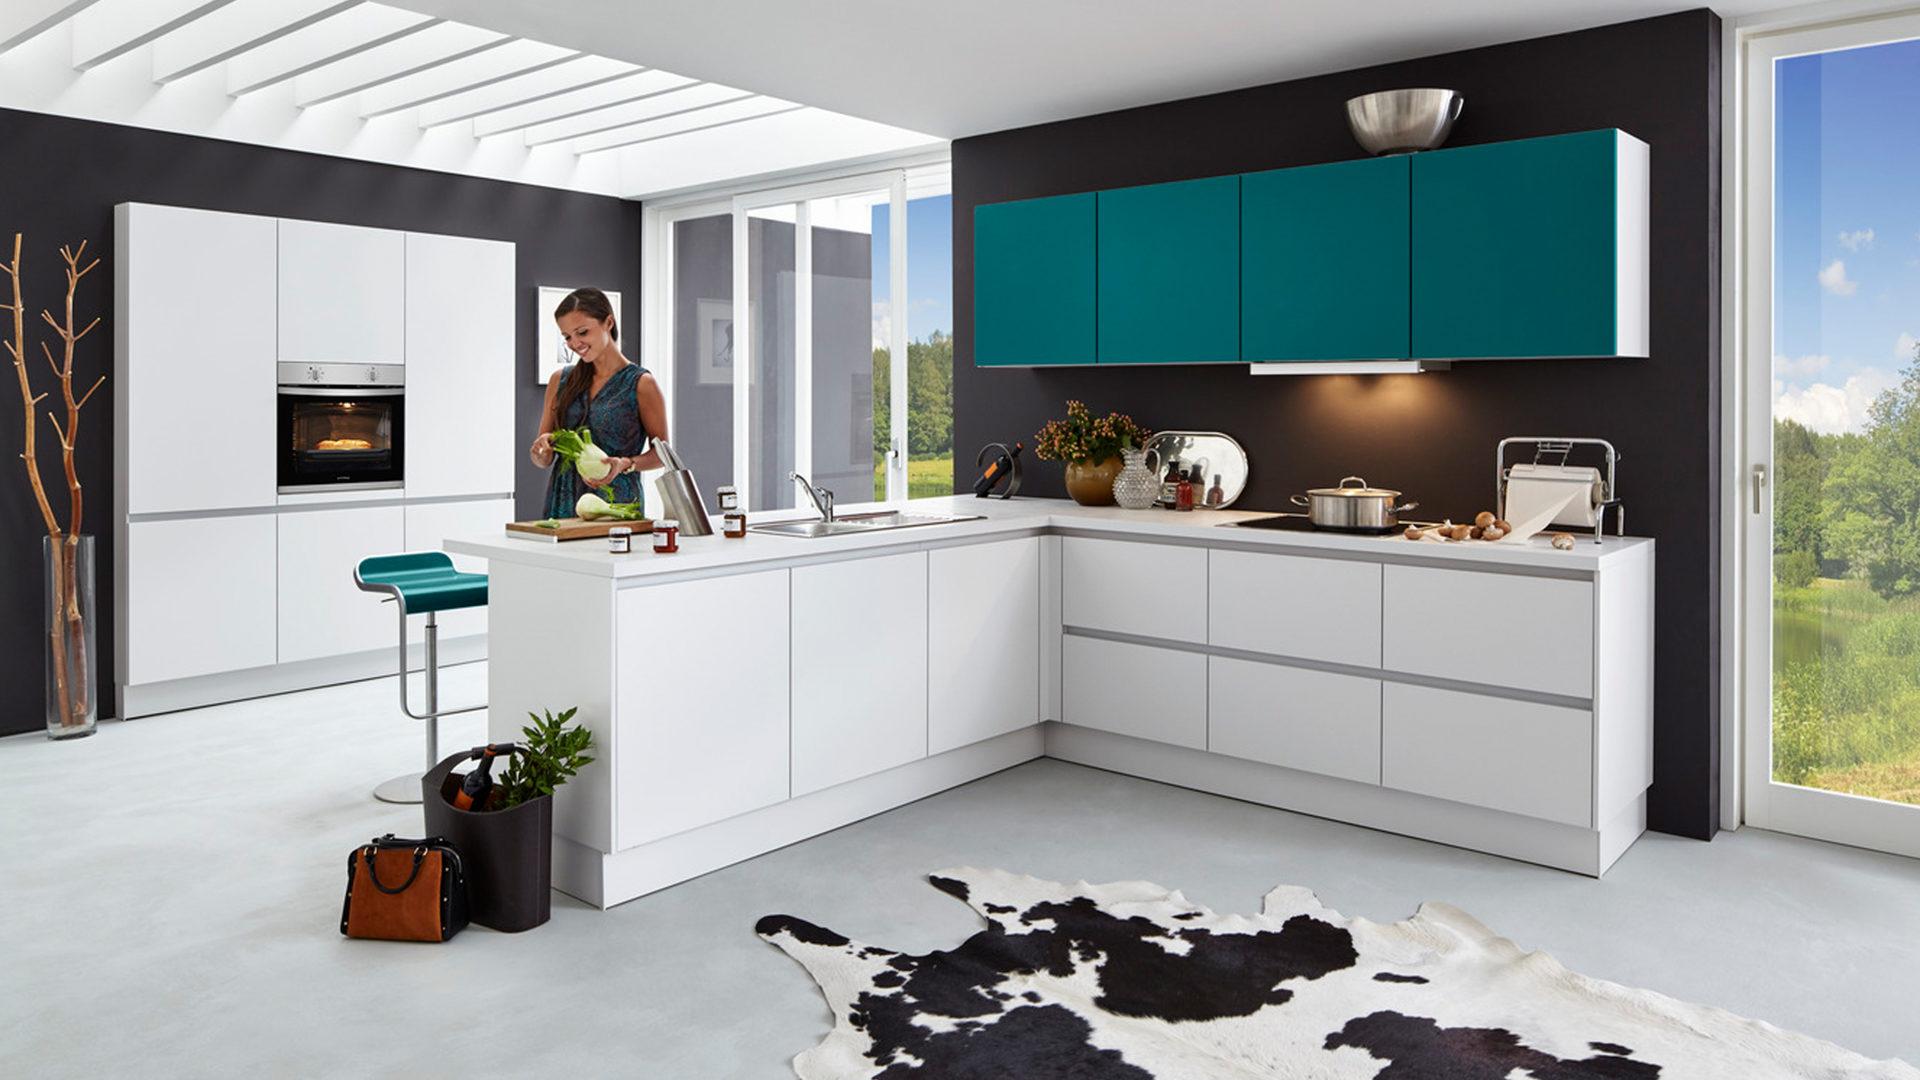 Arbeitsplatten Für Küchen Günstig möbel bernskötter mülheim möbel a z küchen einbauküchen